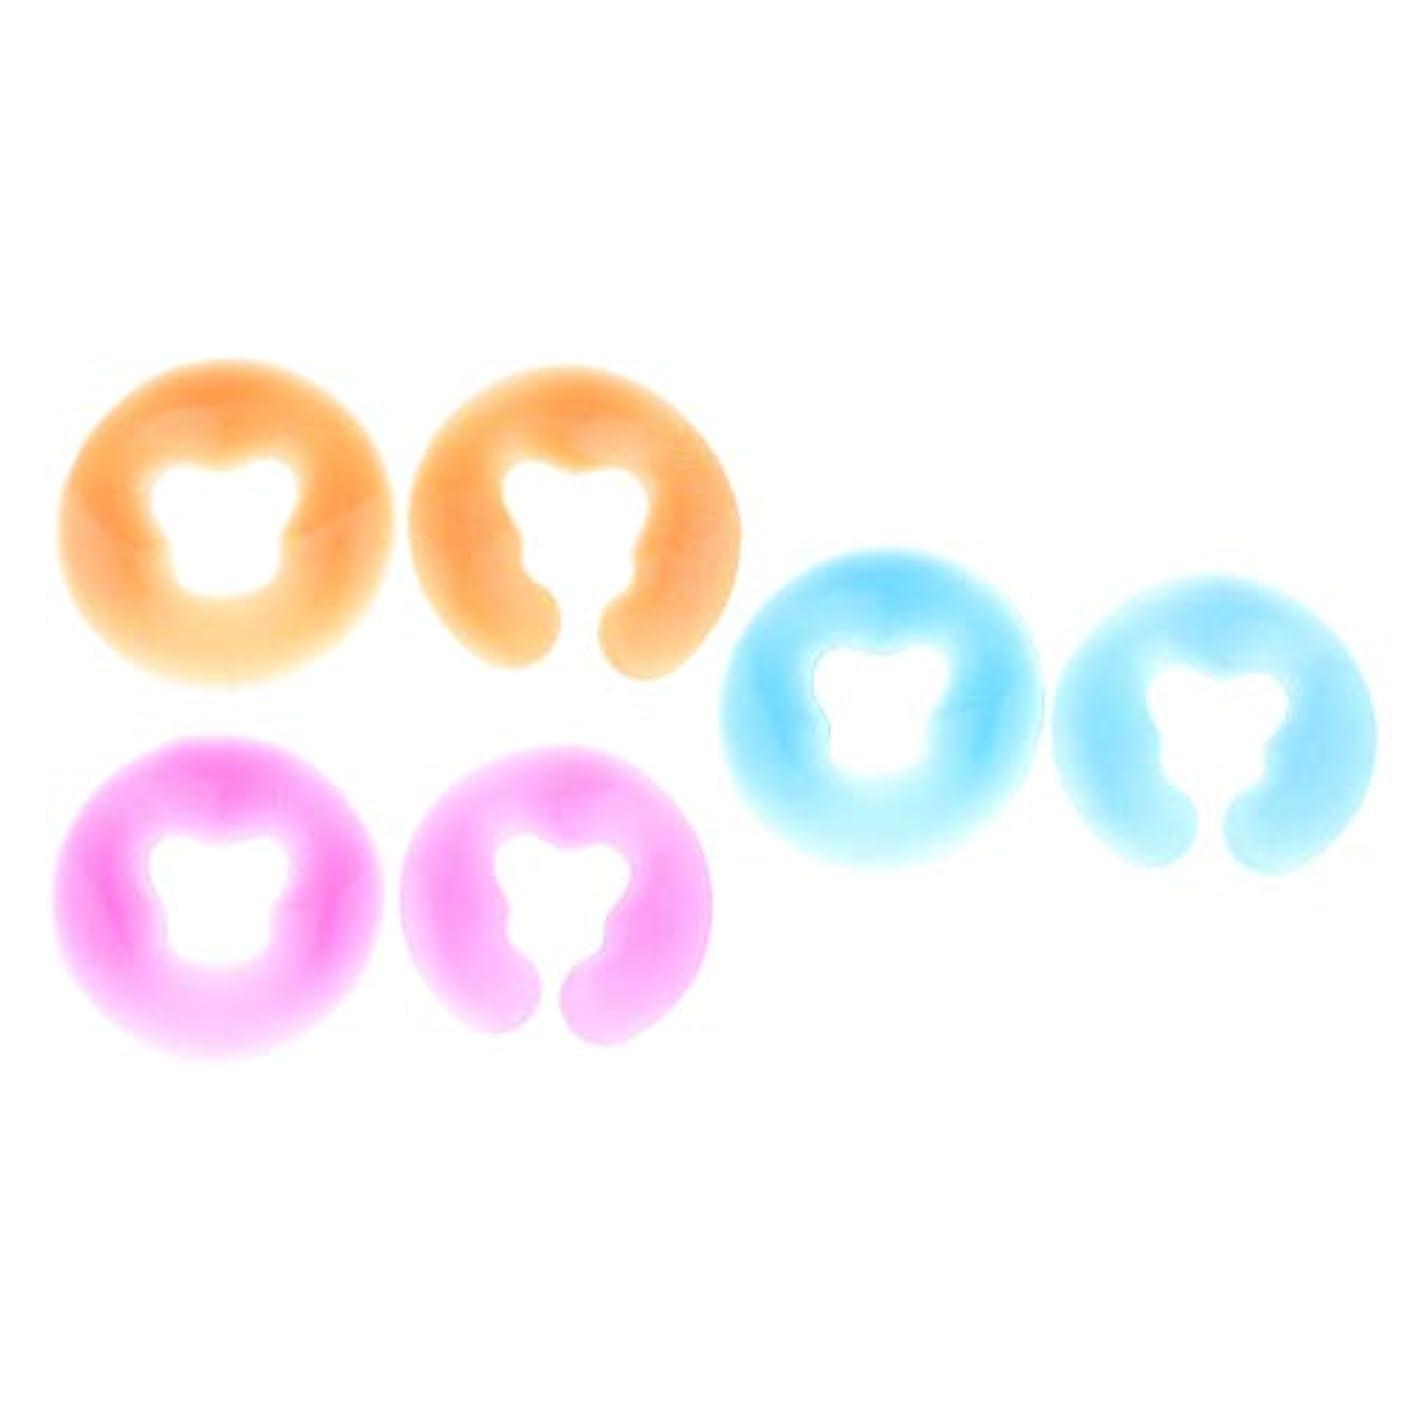 グラムこれら仮定するchiwanji 6個 シリコン フェイスクッション マッサージフェイスパッド 耐久性